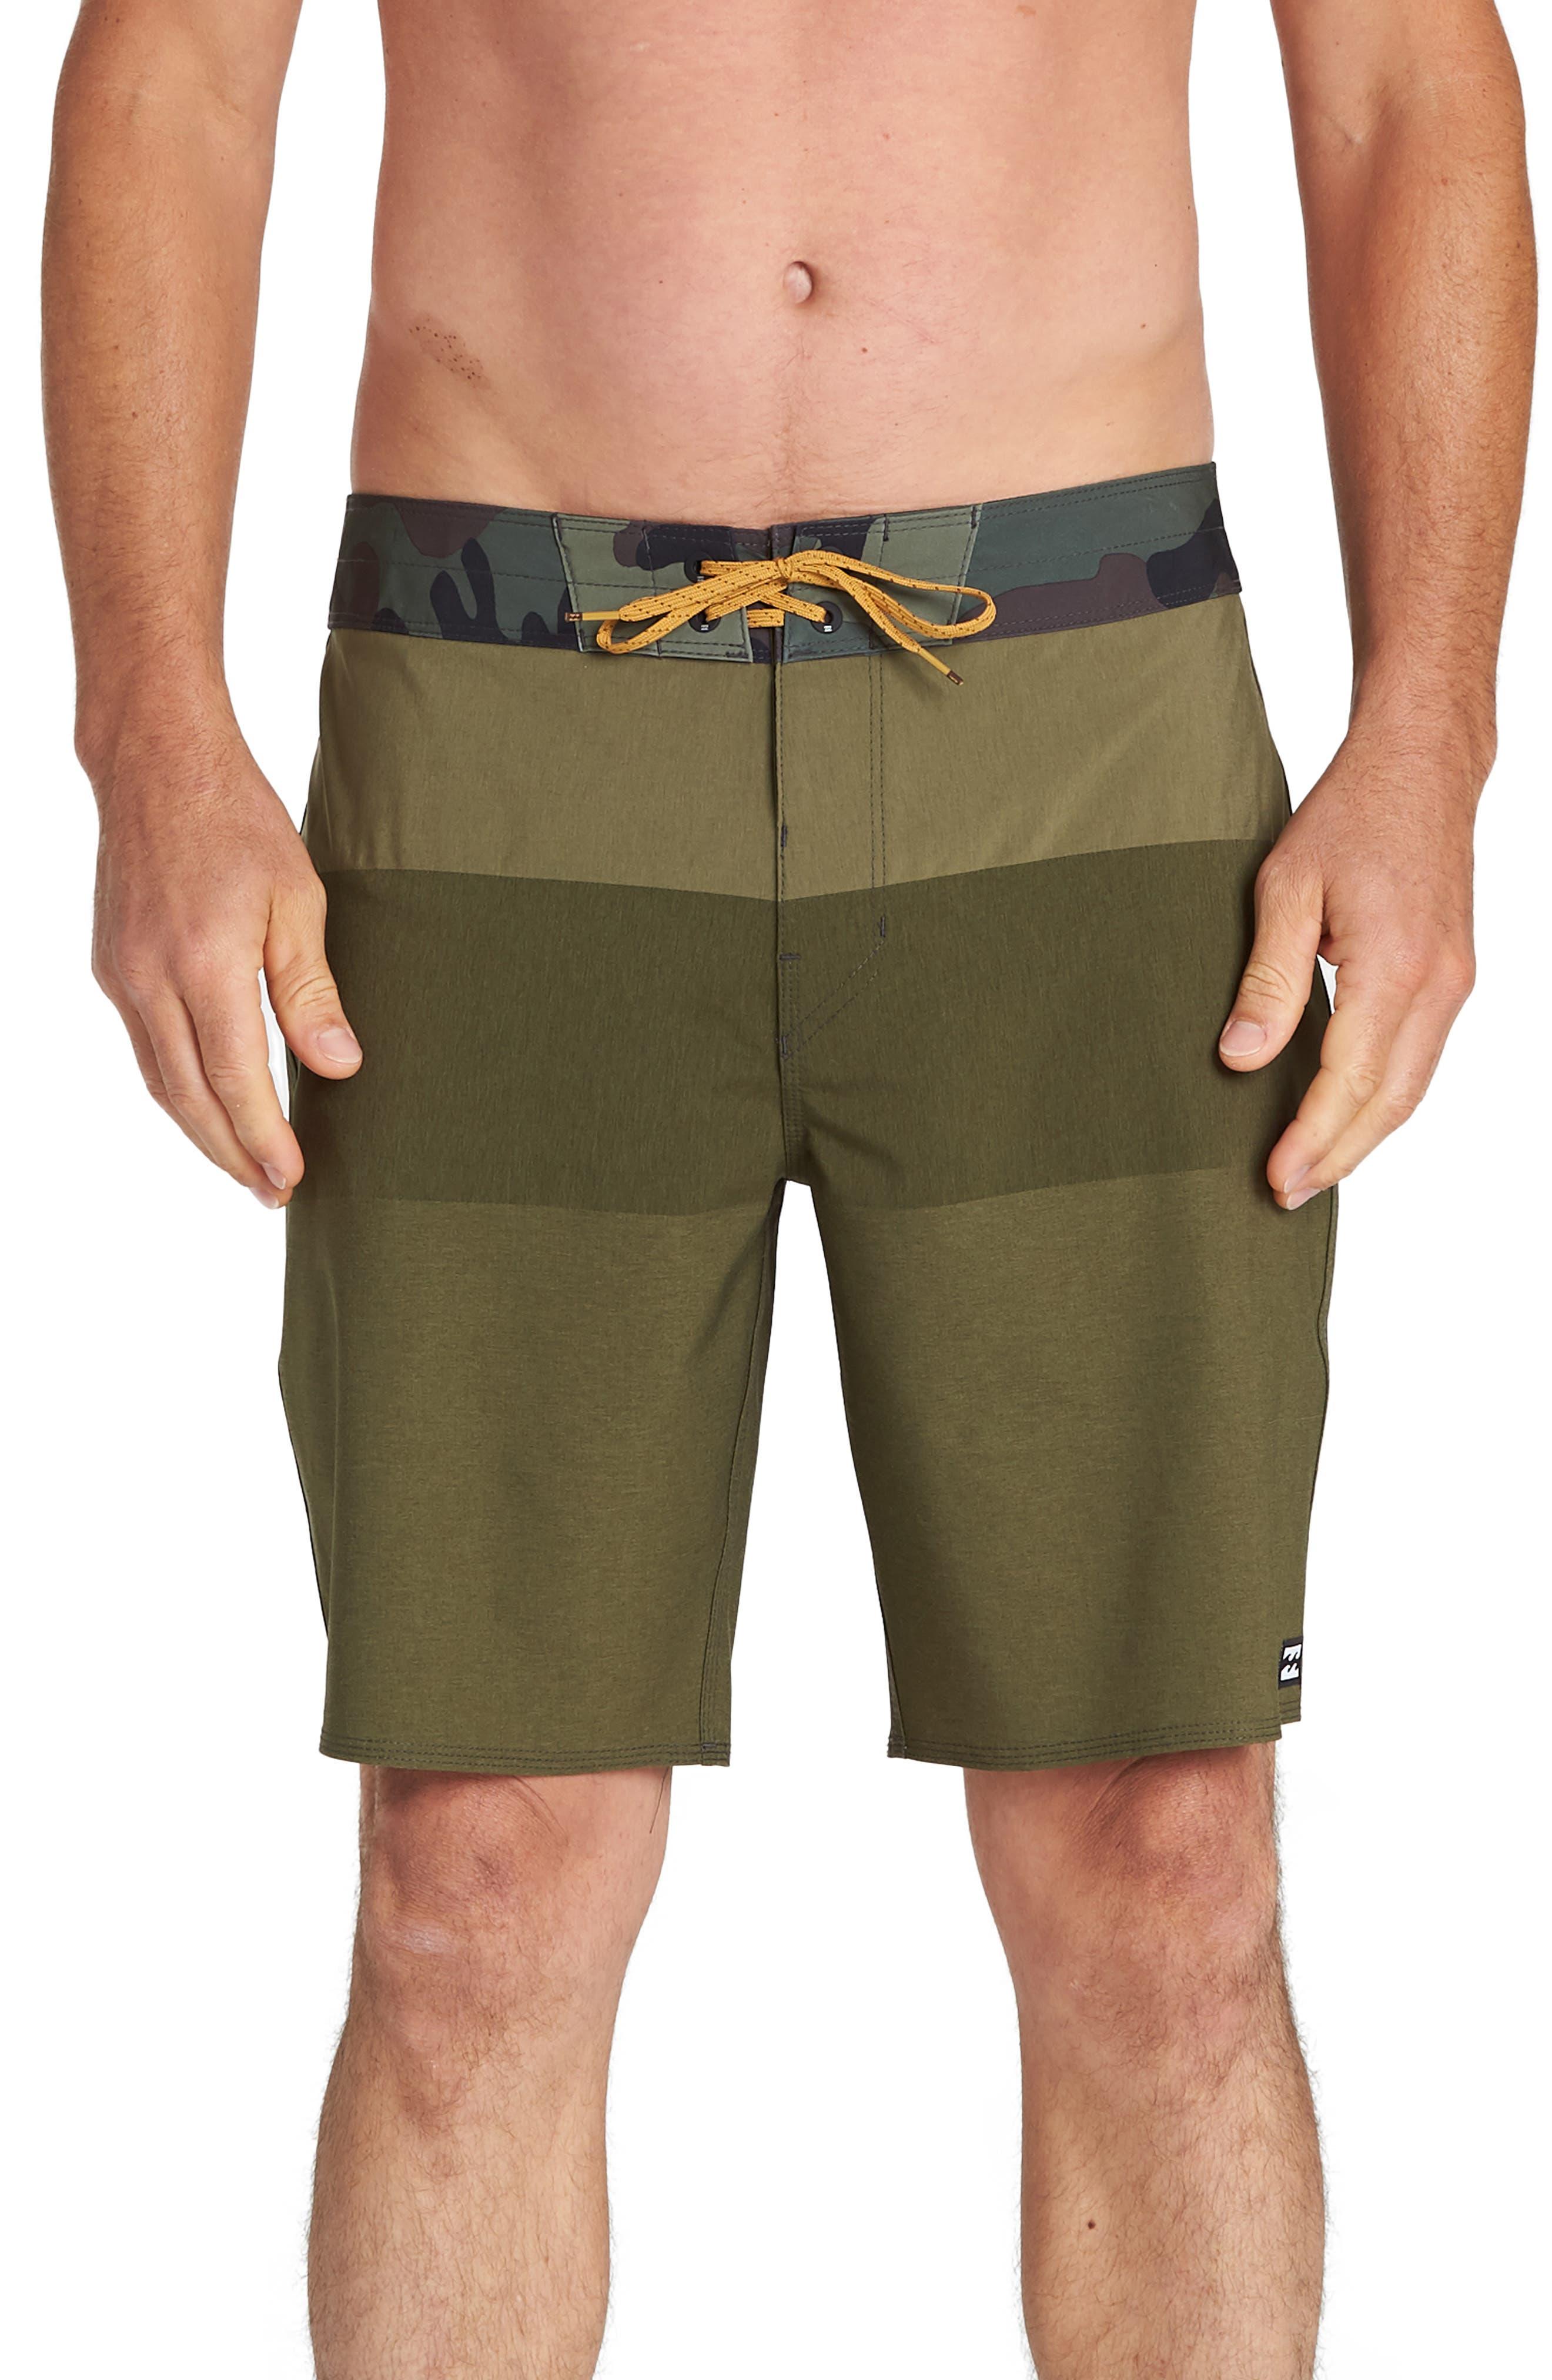 Billabong Tribong Airlite Board Shorts, Green